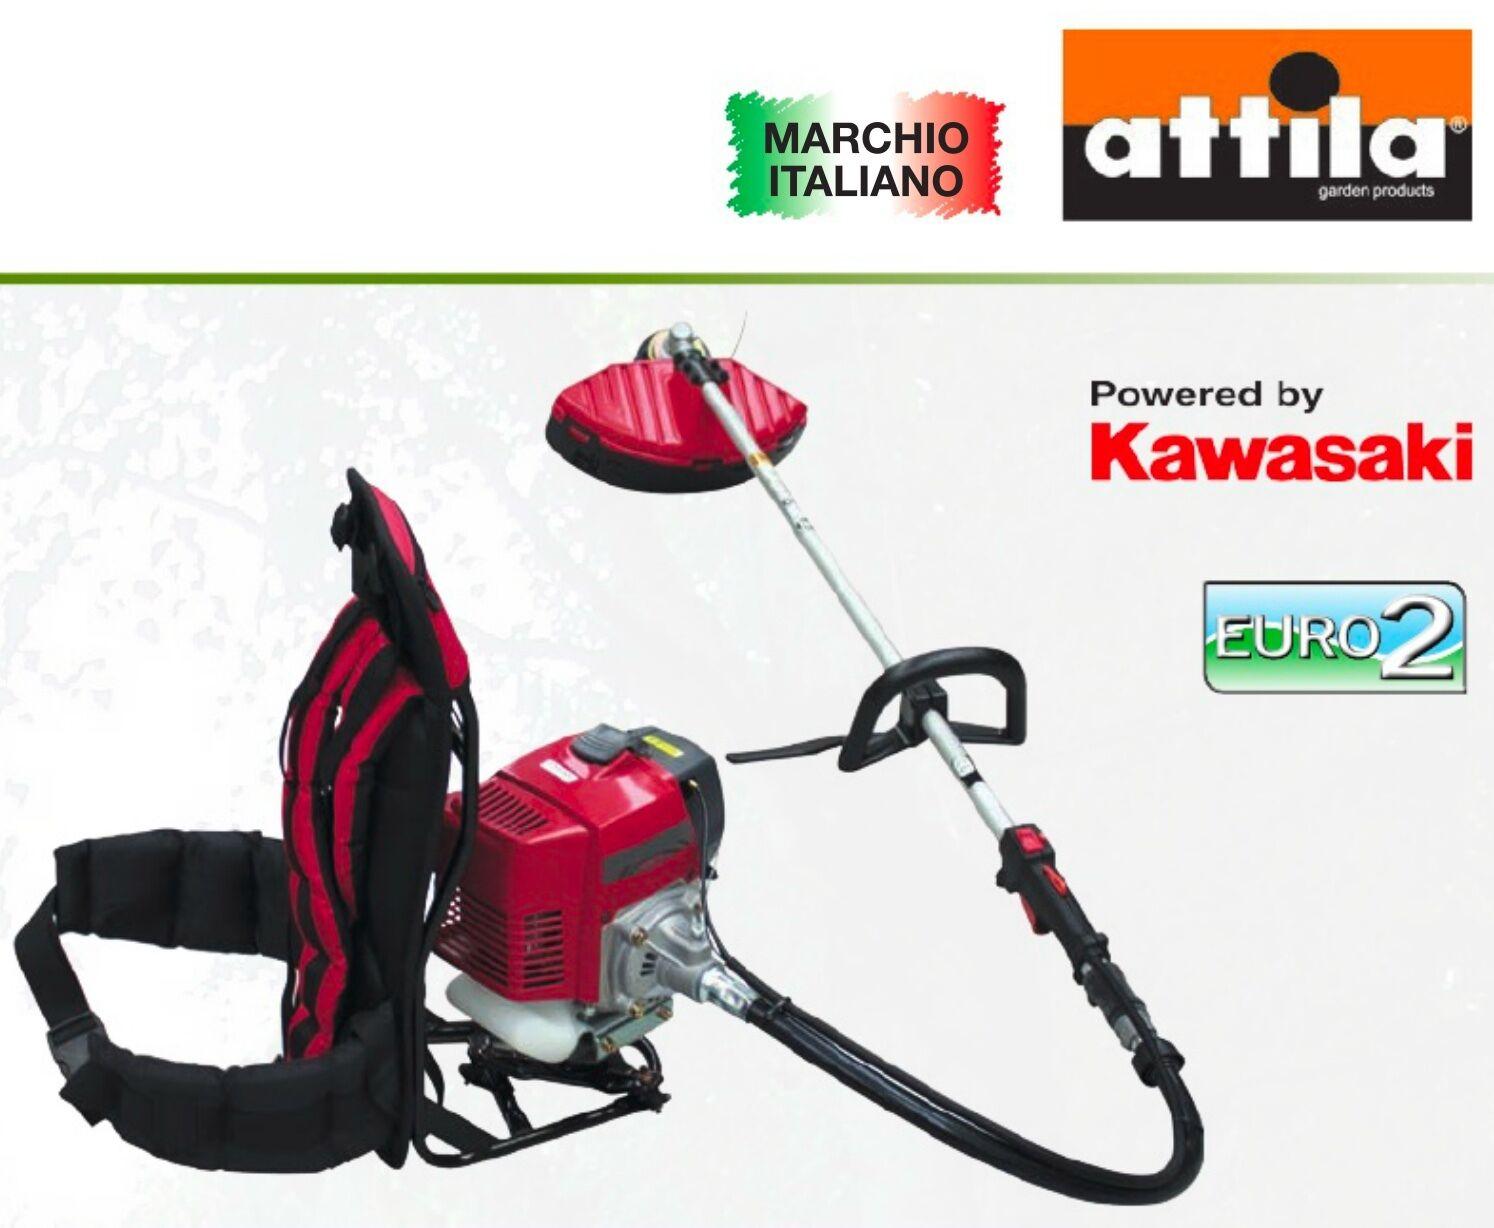 DECESPUGLIATORE a scoppio ZAINO KAWASAKI TJ 53 E 53,2cc MADE IN ITALY + DISCO